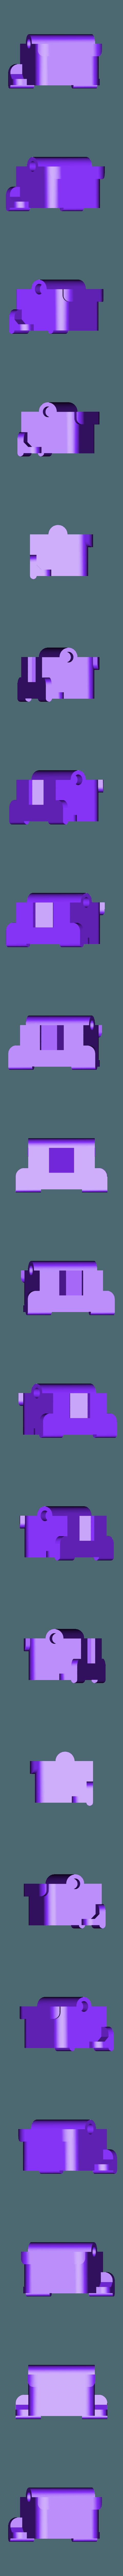 Body_Rear.STL Download STL file LiL FRONT LOADER • 3D printable template, biglildesign